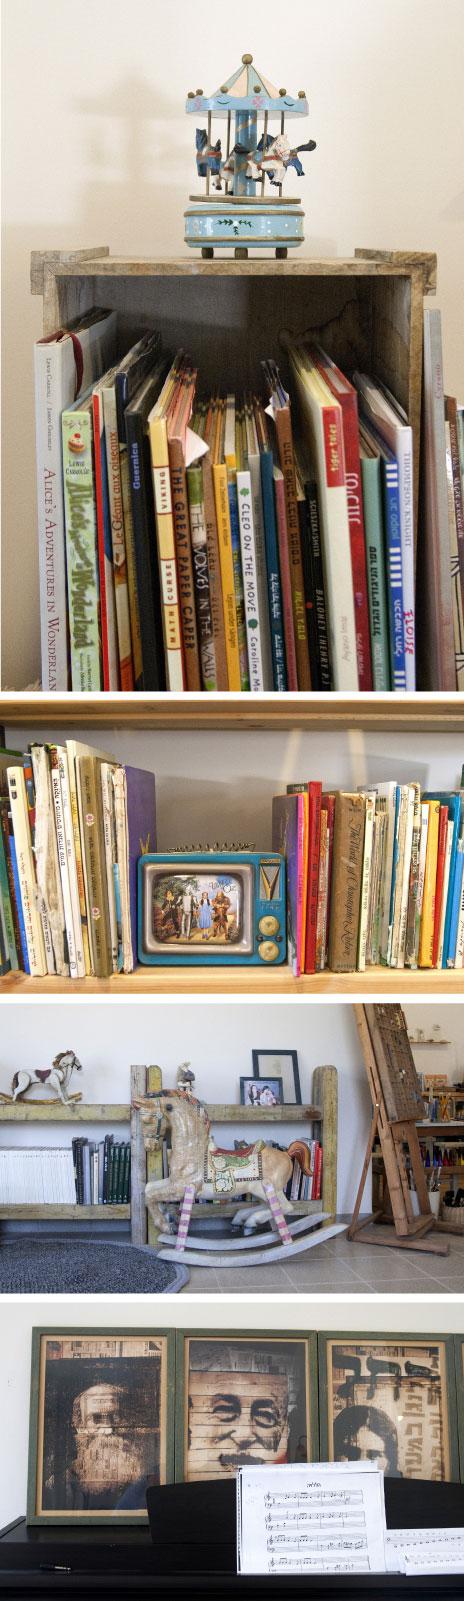 ספרי אומנות, פרוזה, שירה והגות